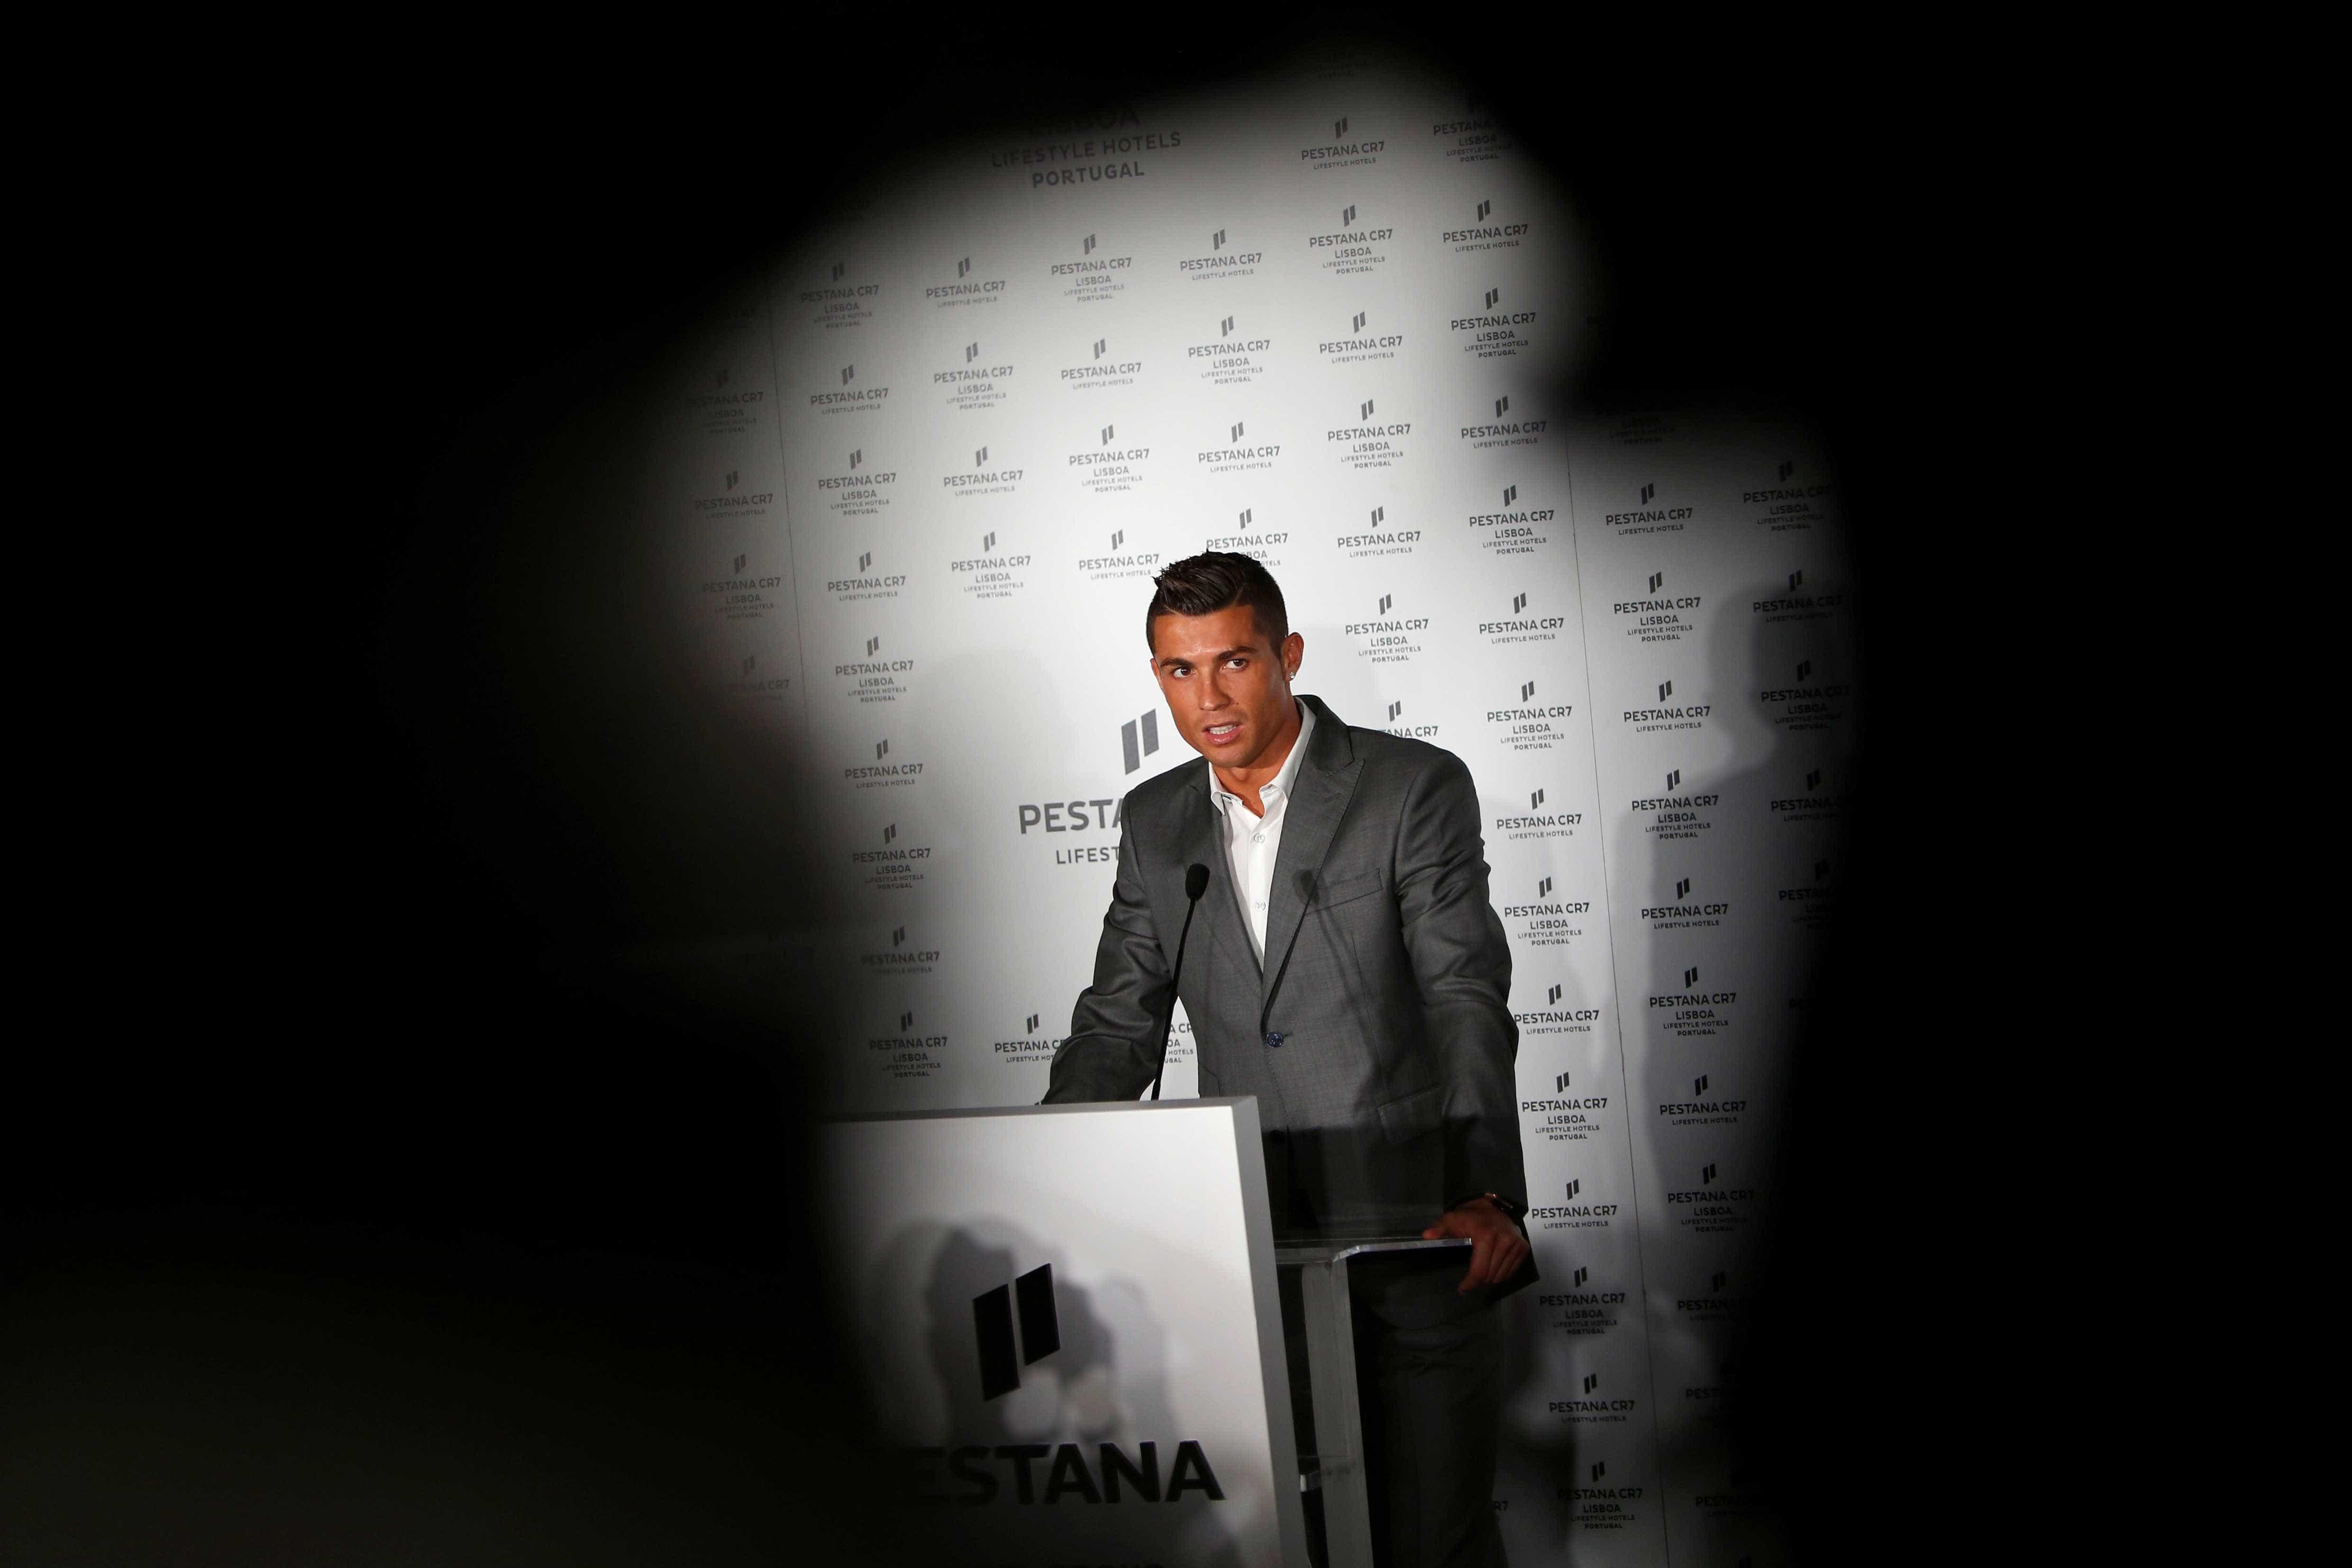 O novo hotel de Ronaldo em Lisboa é o espelho dele próprio -